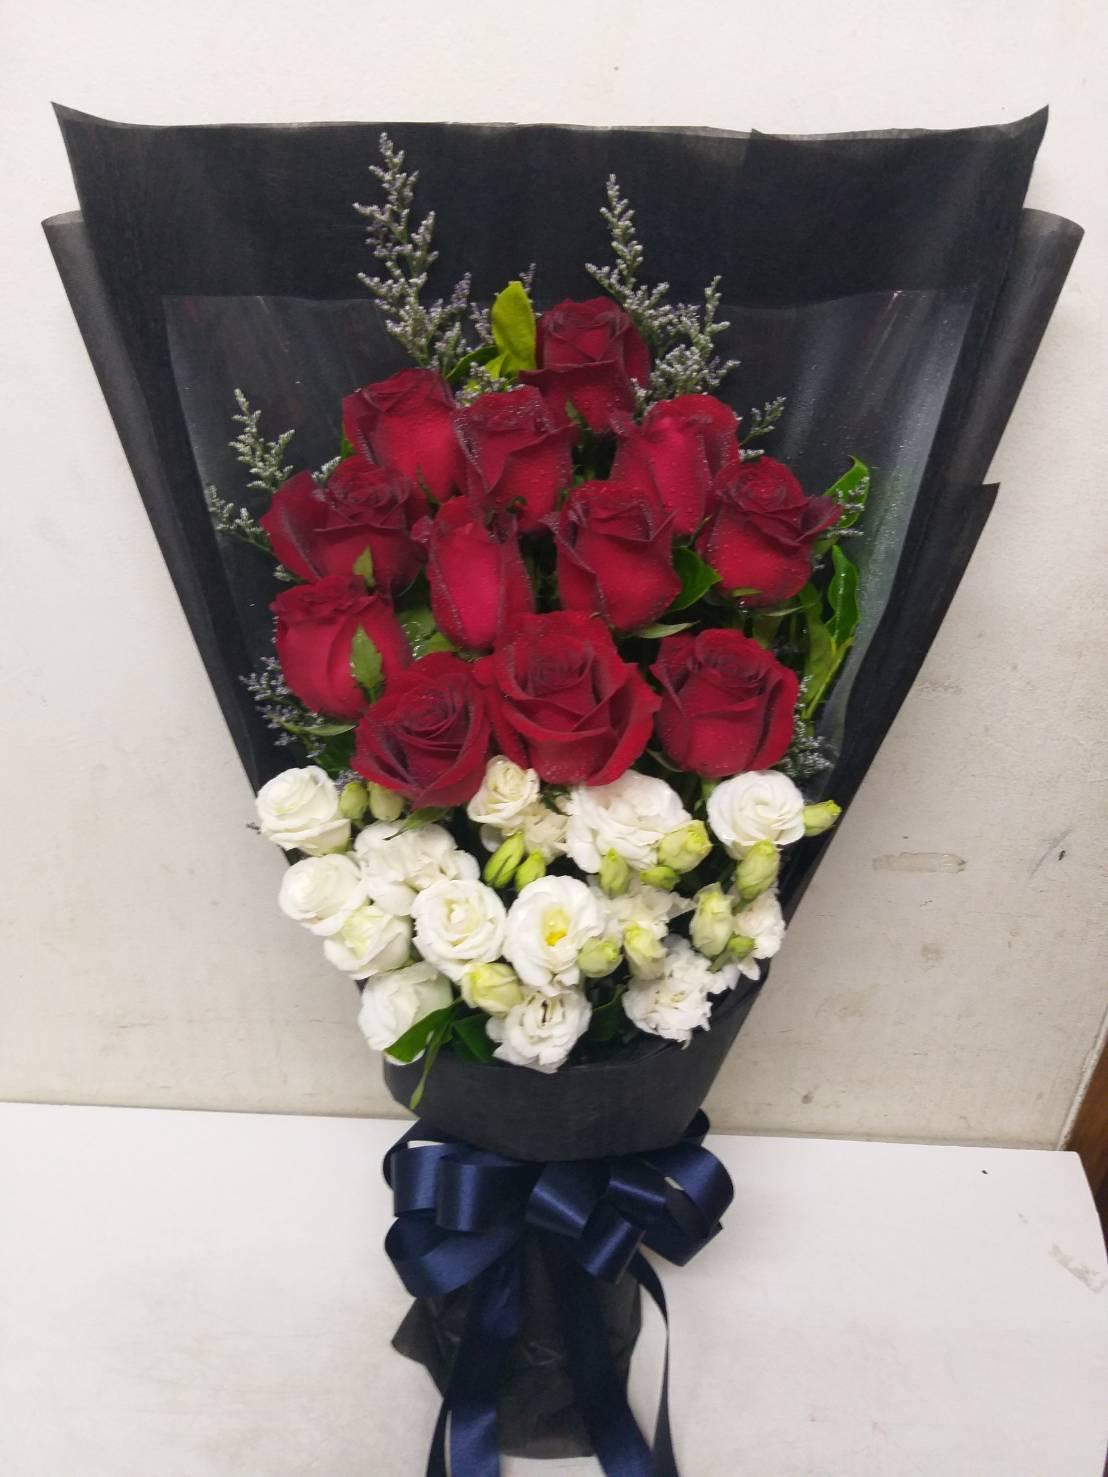 ช่อดอกกุหลาบสีแดงและสีขาวห่อด้วยกระดาษสีดำ ดูหรูหราและลึกลับไปในตัว